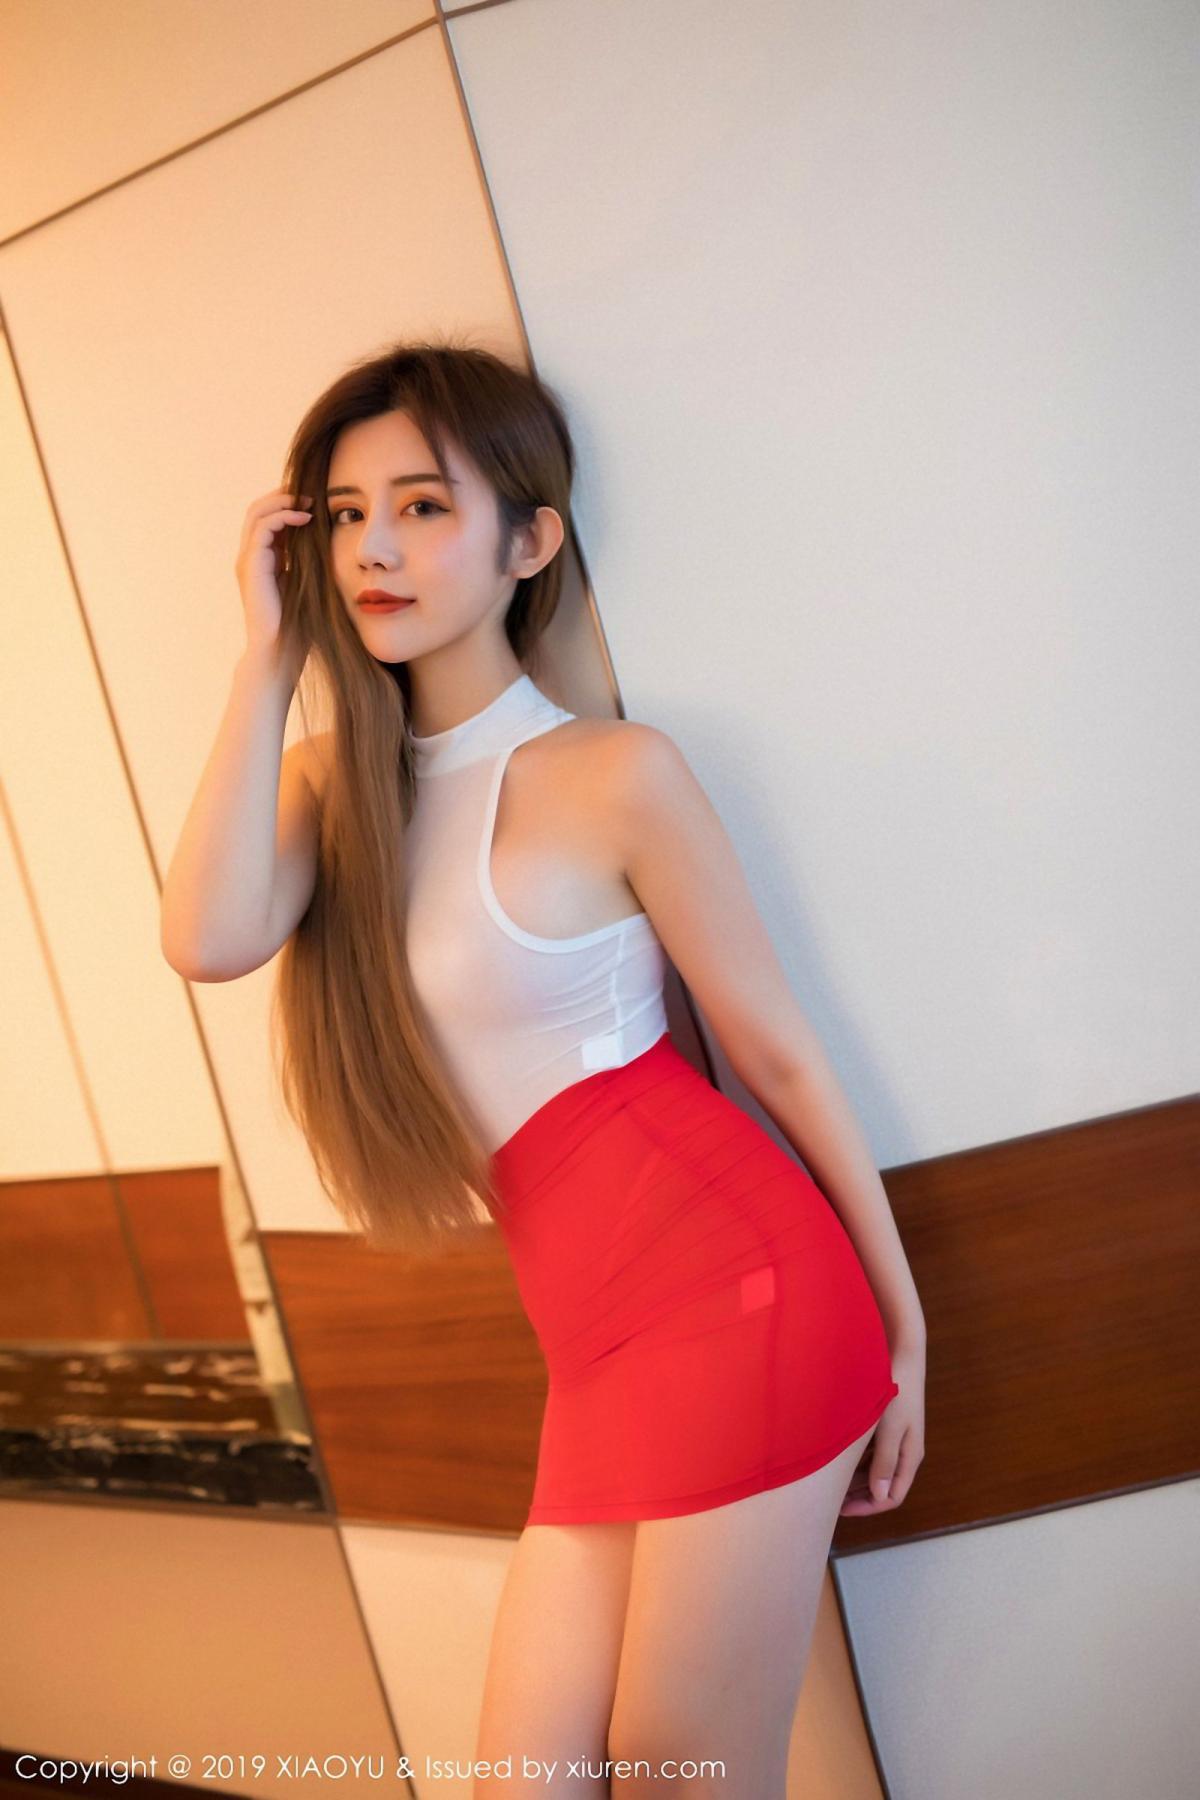 [XiaoYu] Vol.043 Zhuo Ya Qi 3P, Tall, XiaoYu, Zhuo Ya Qi